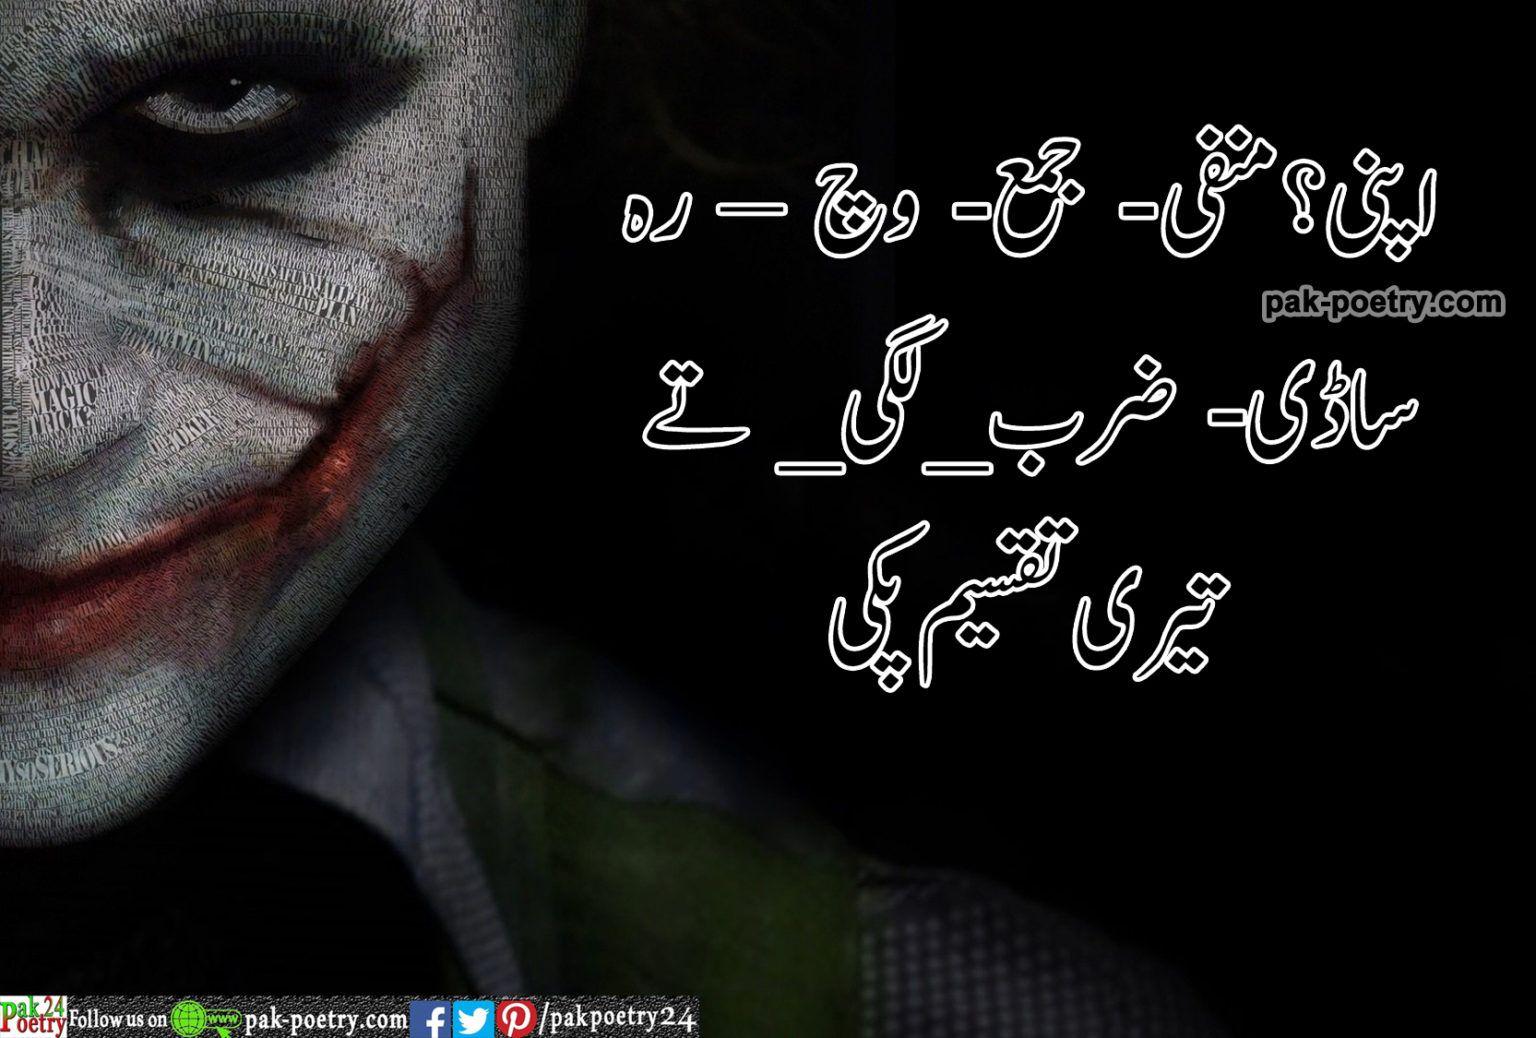 Pin By Im Noomiya On Urdu Poetry Romantic Punjabi Poetry Poetry Words Toxic People Quotes